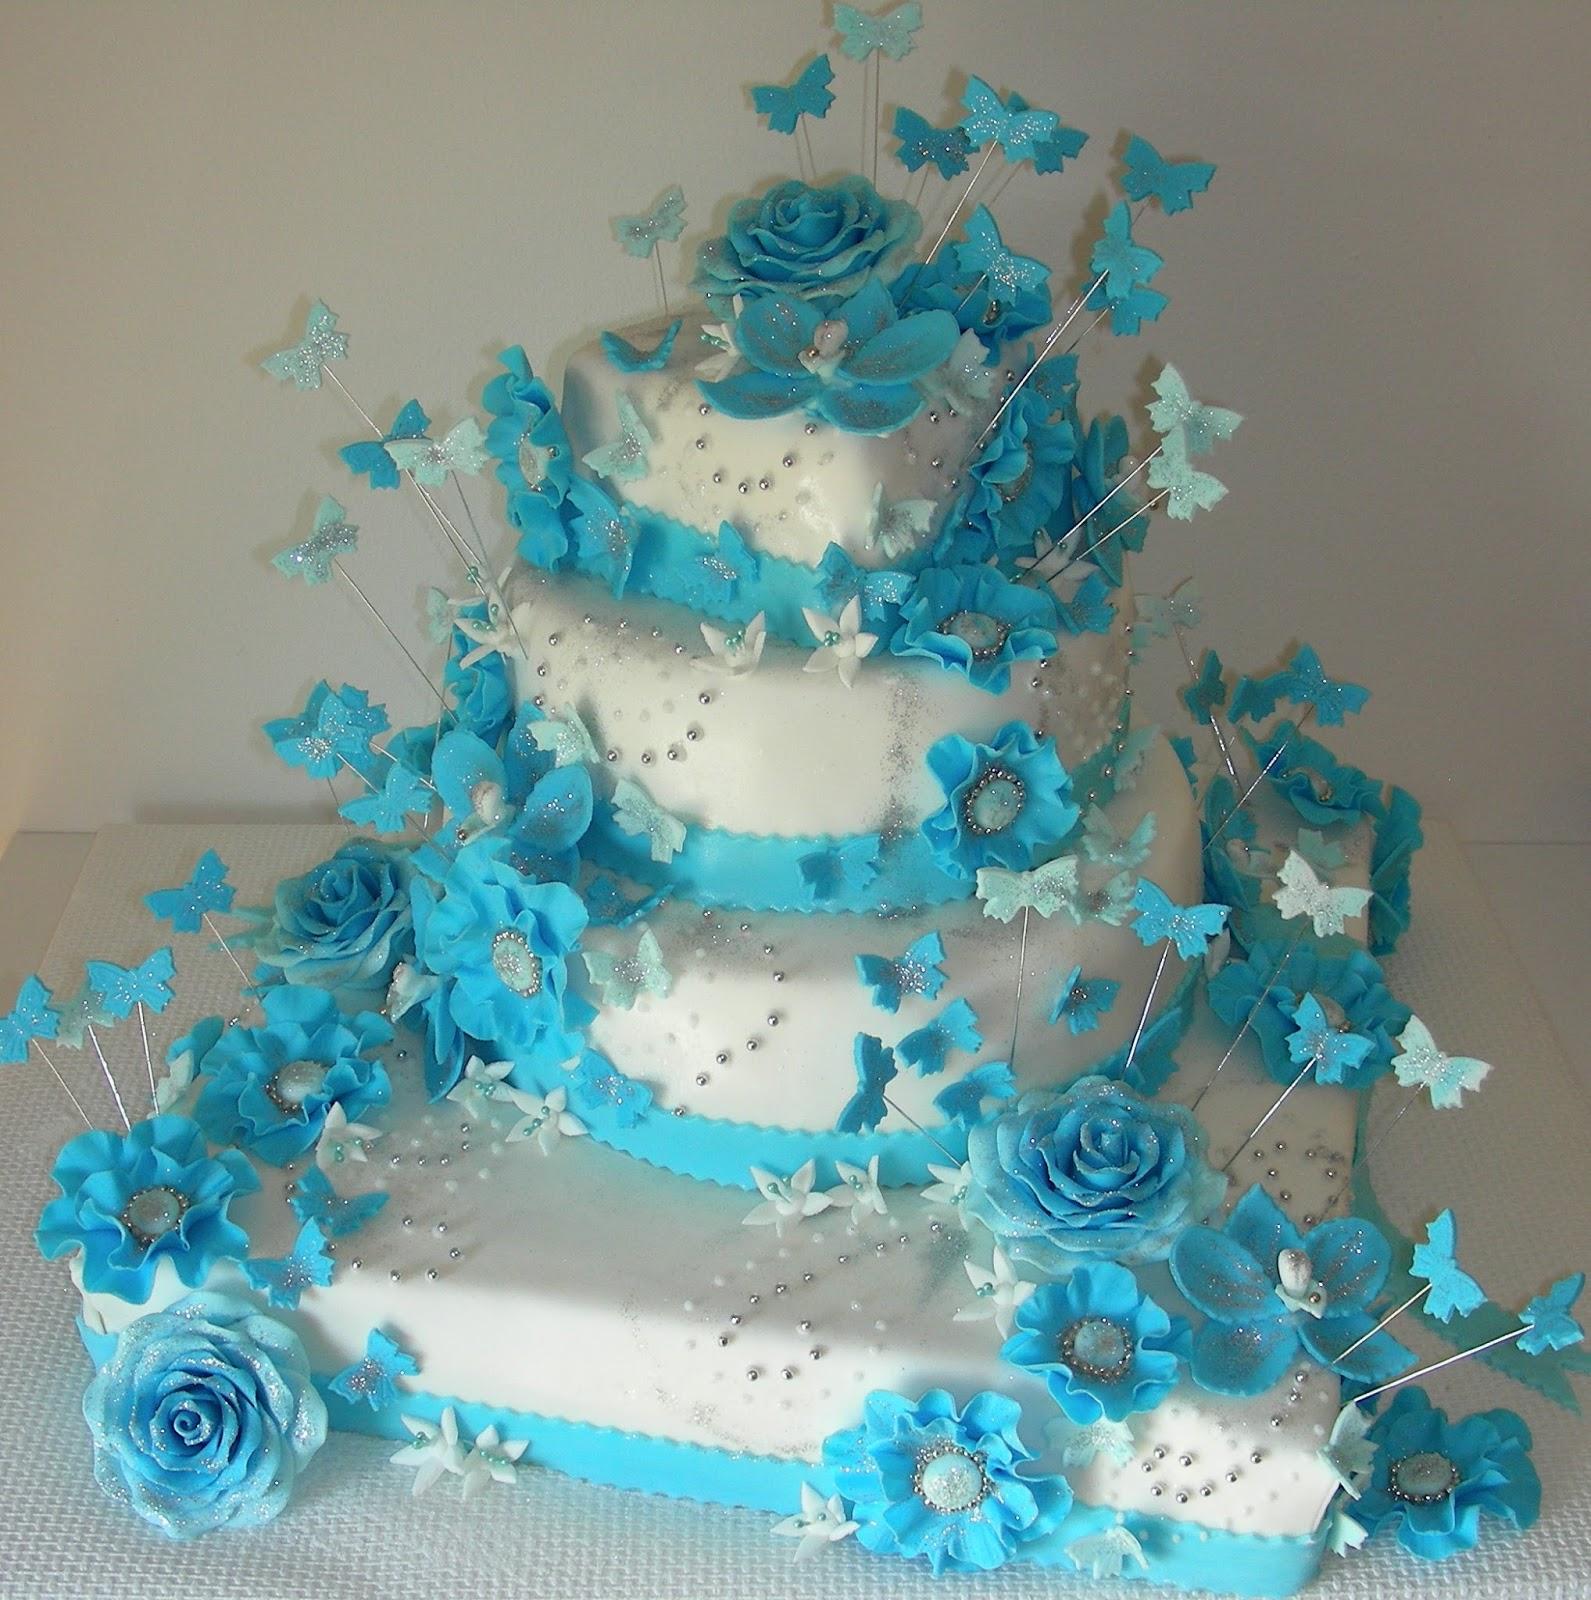 Gateaux Daline Gâteau De Mariage Turquoise Blanc Avec Des